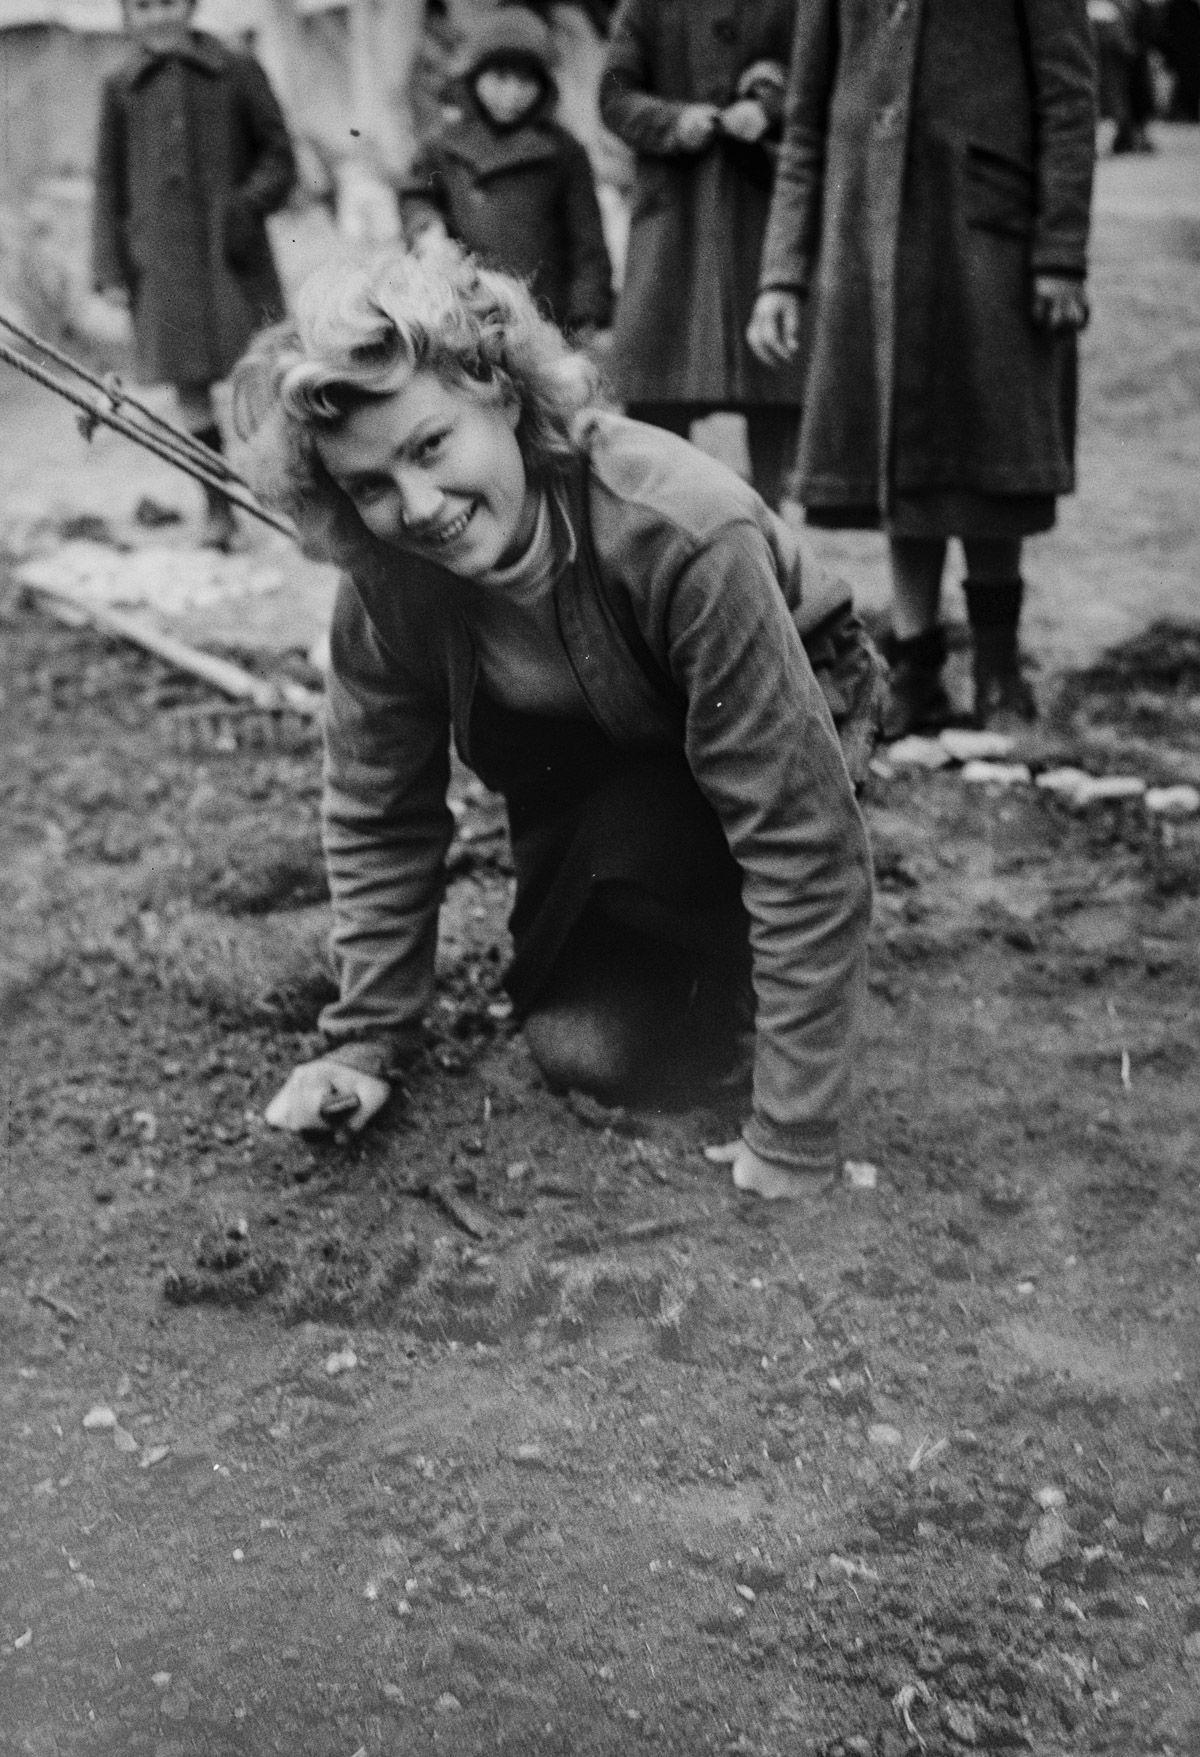 Na Segunda Guerra Mundial, refugiados poloneses encontraram seguran�a no Ir� 05